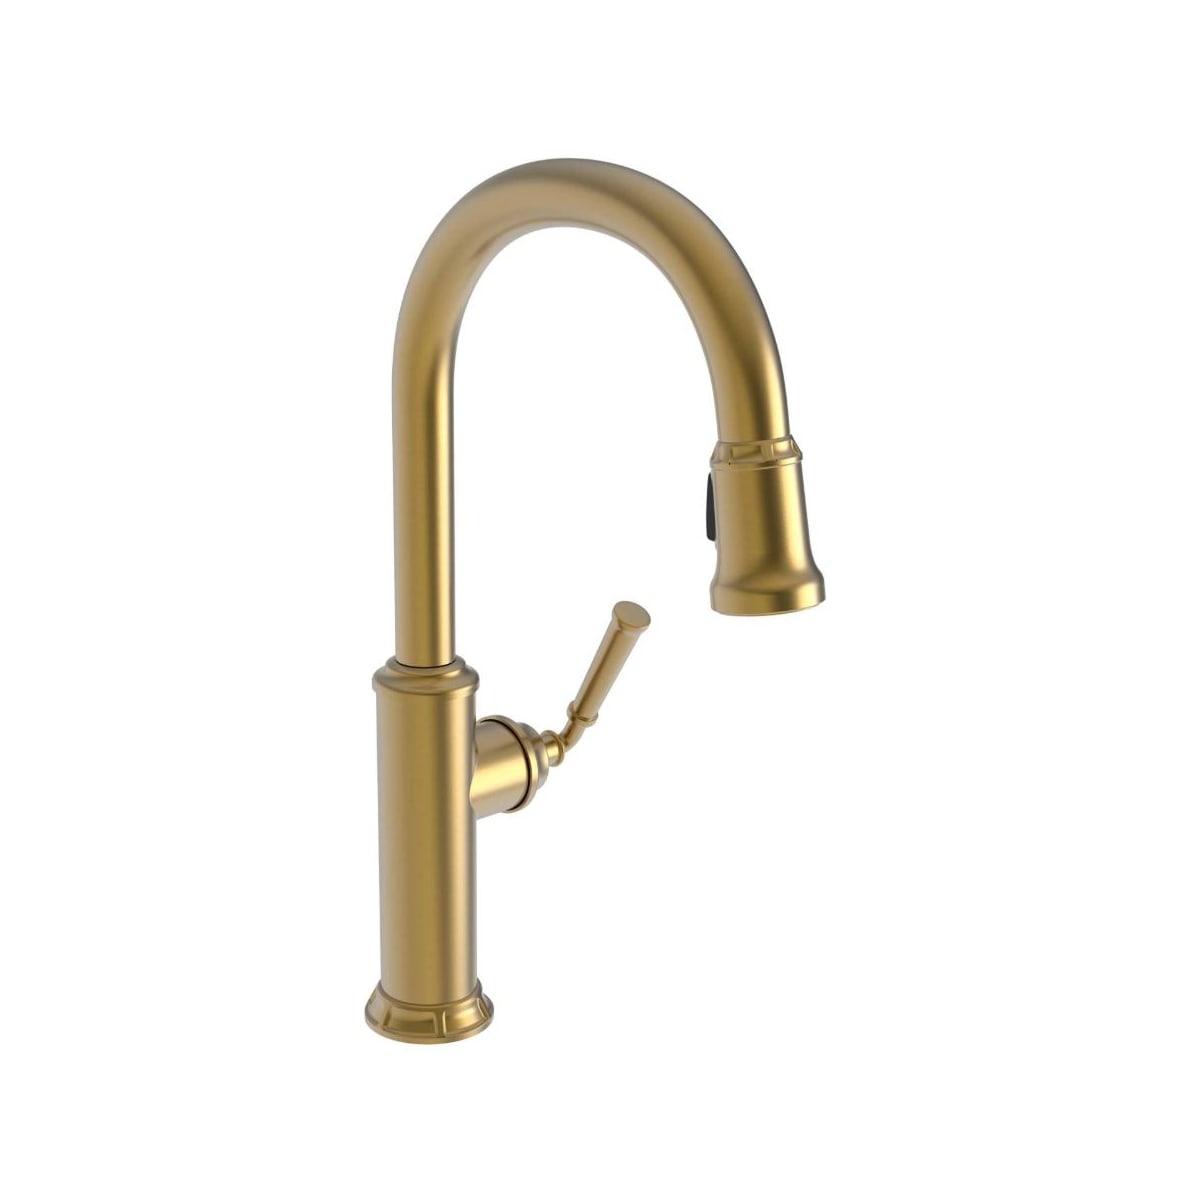 Newport Brass 3210-5103